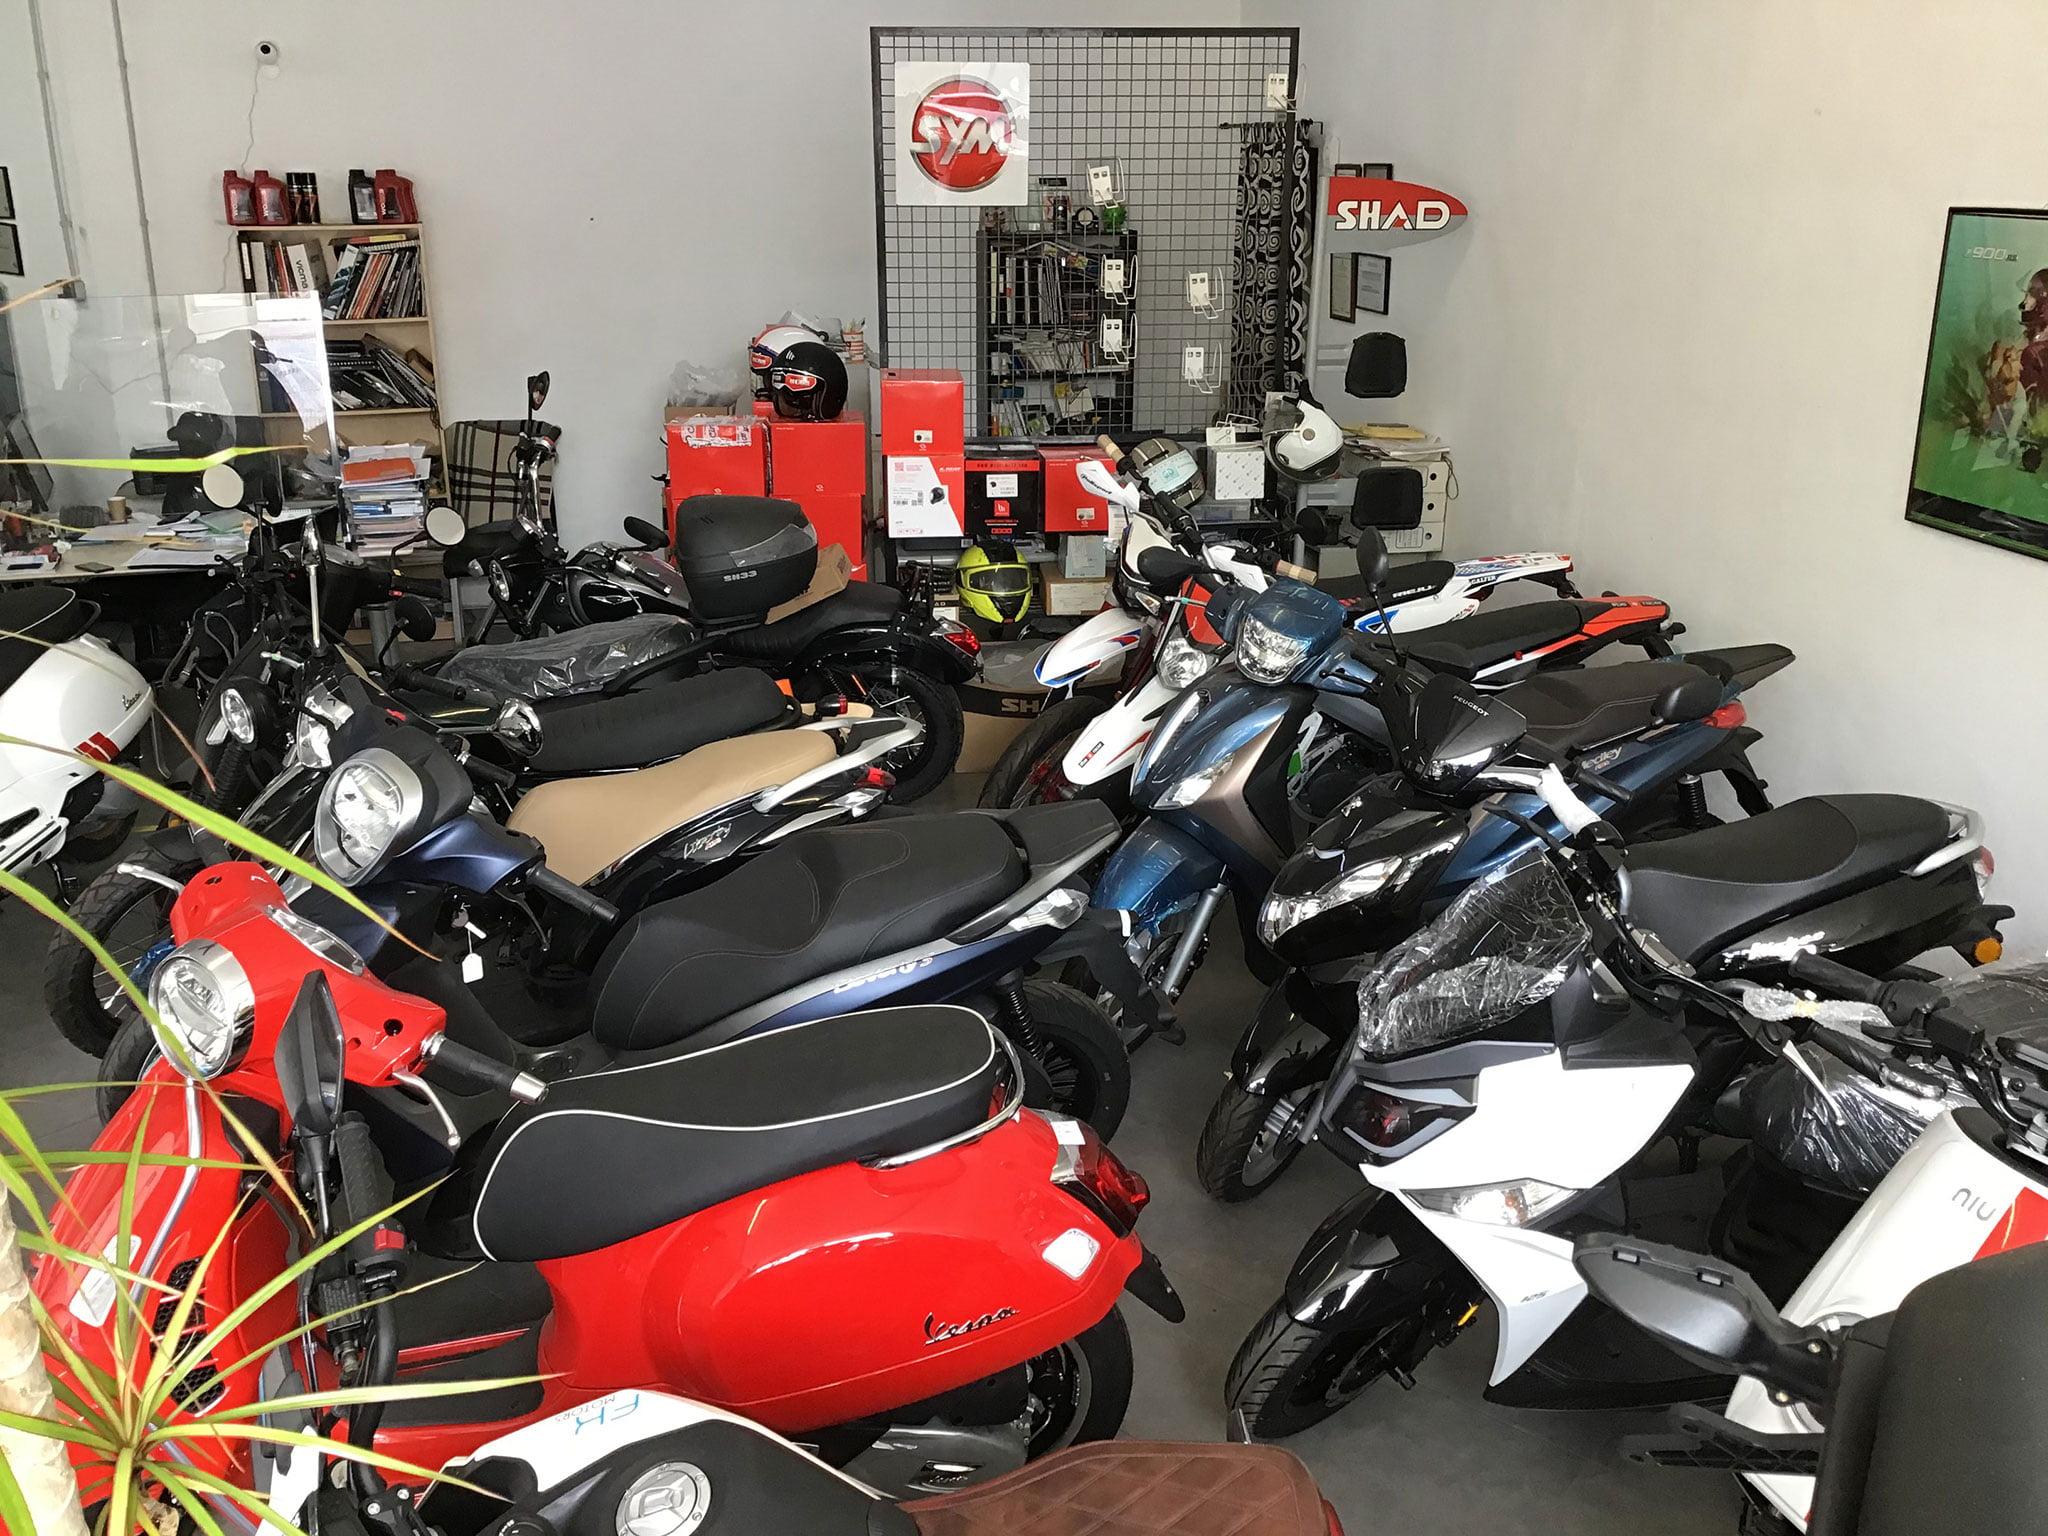 Taller de reparación y venta de motos en Dénia – Paco's Motor